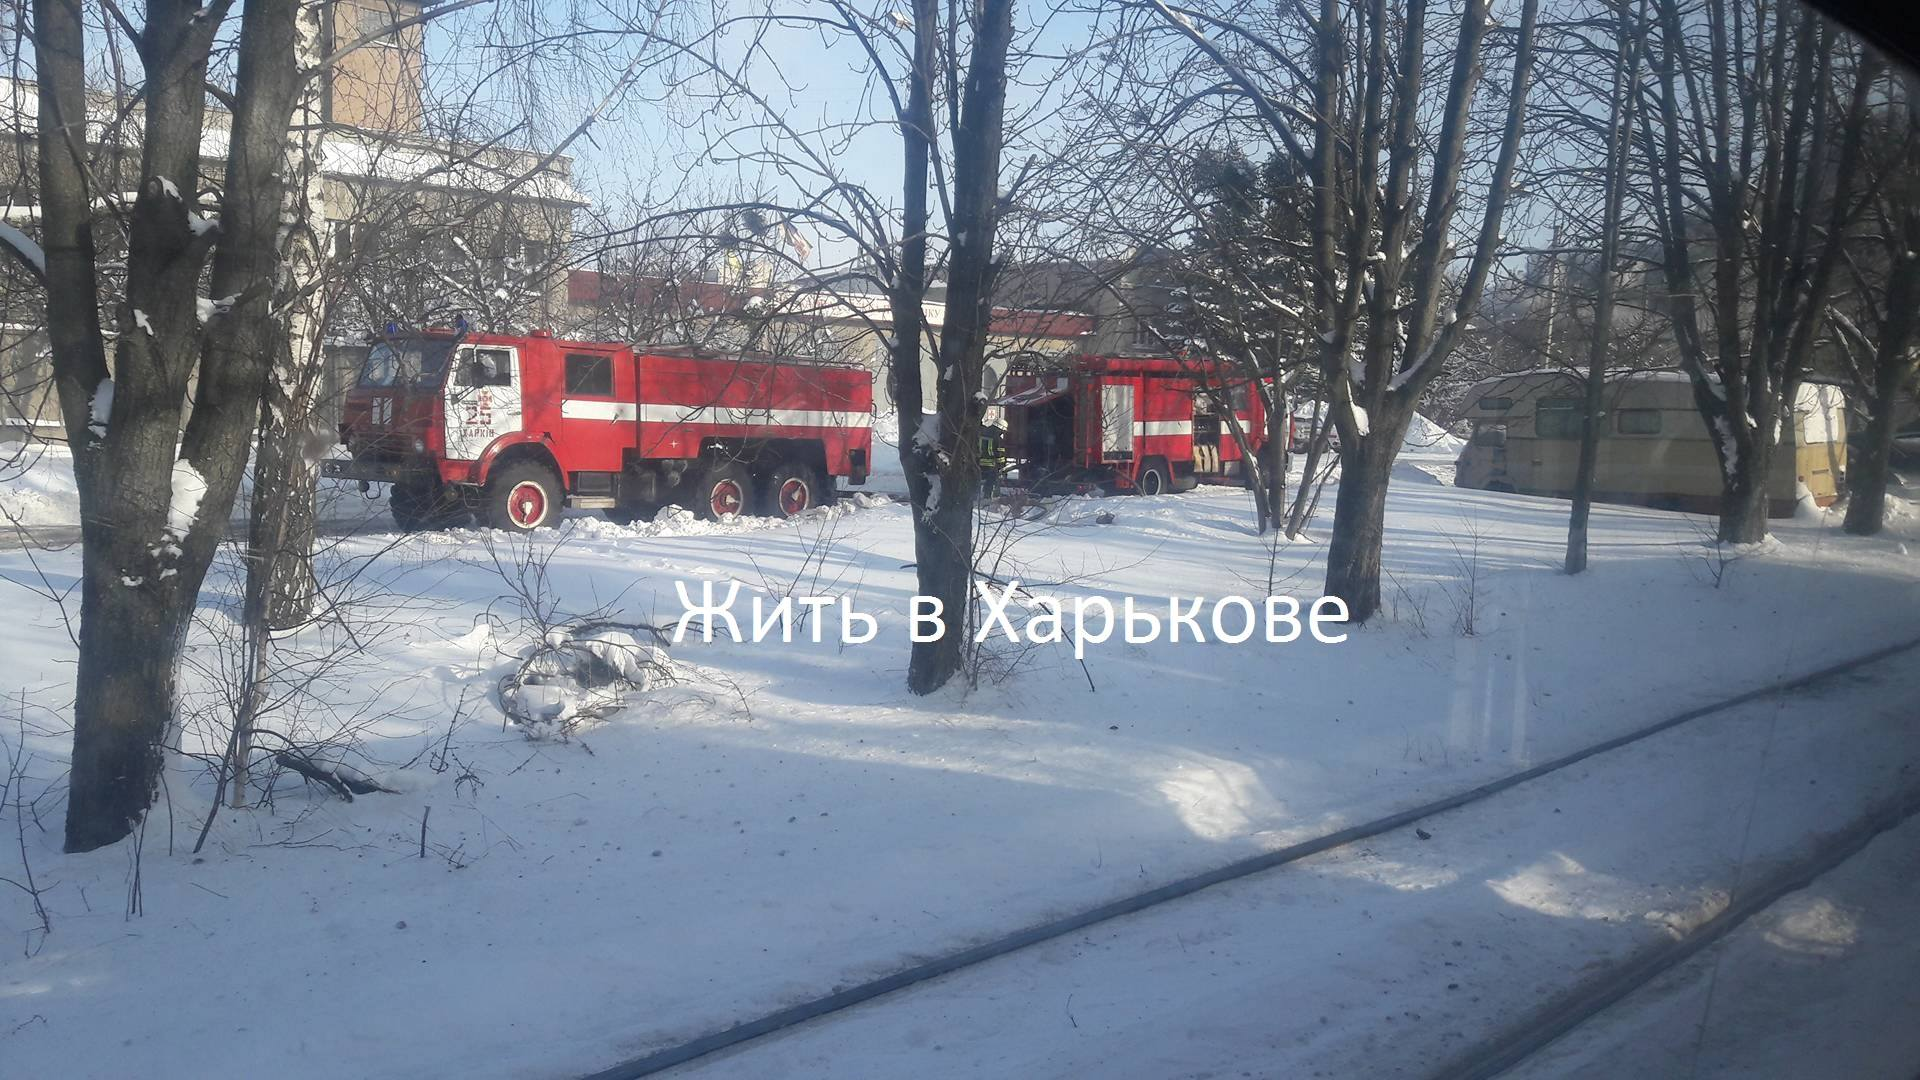 http://gx.net.ua/news_images/1516793329.jpg